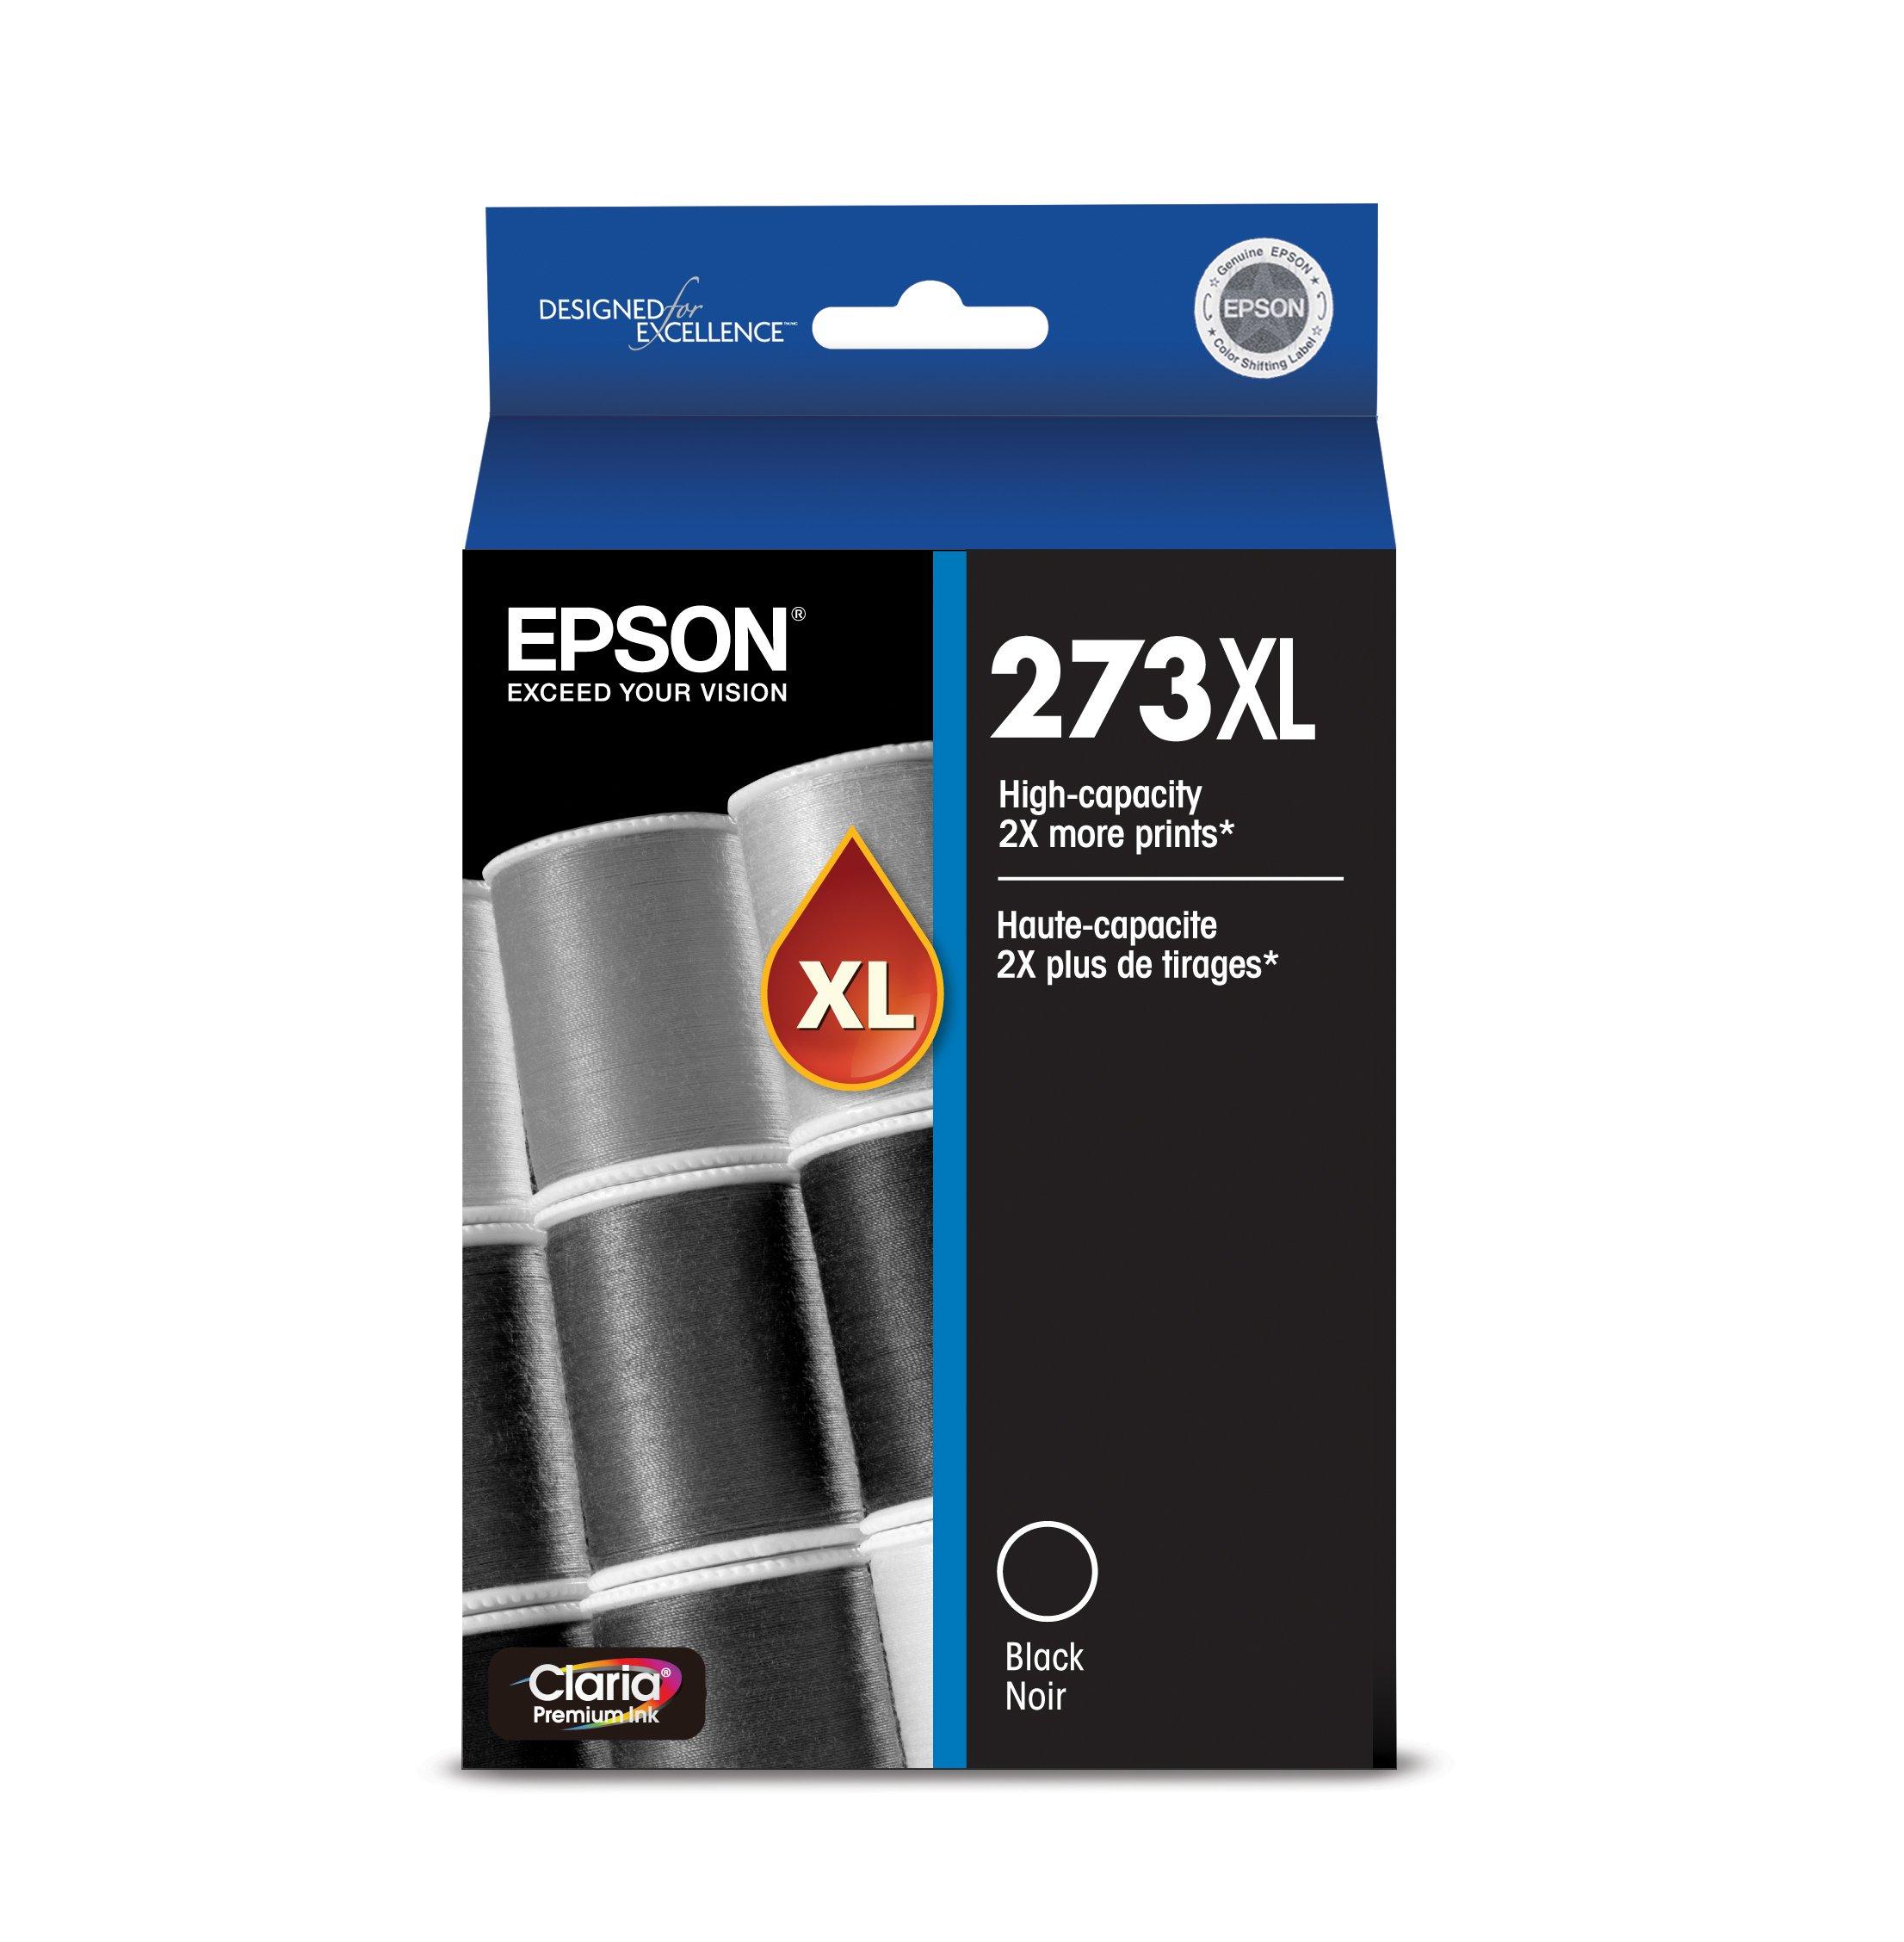 Epson T273XL020 Claria Premium High Capacity Cartridge Ink Black